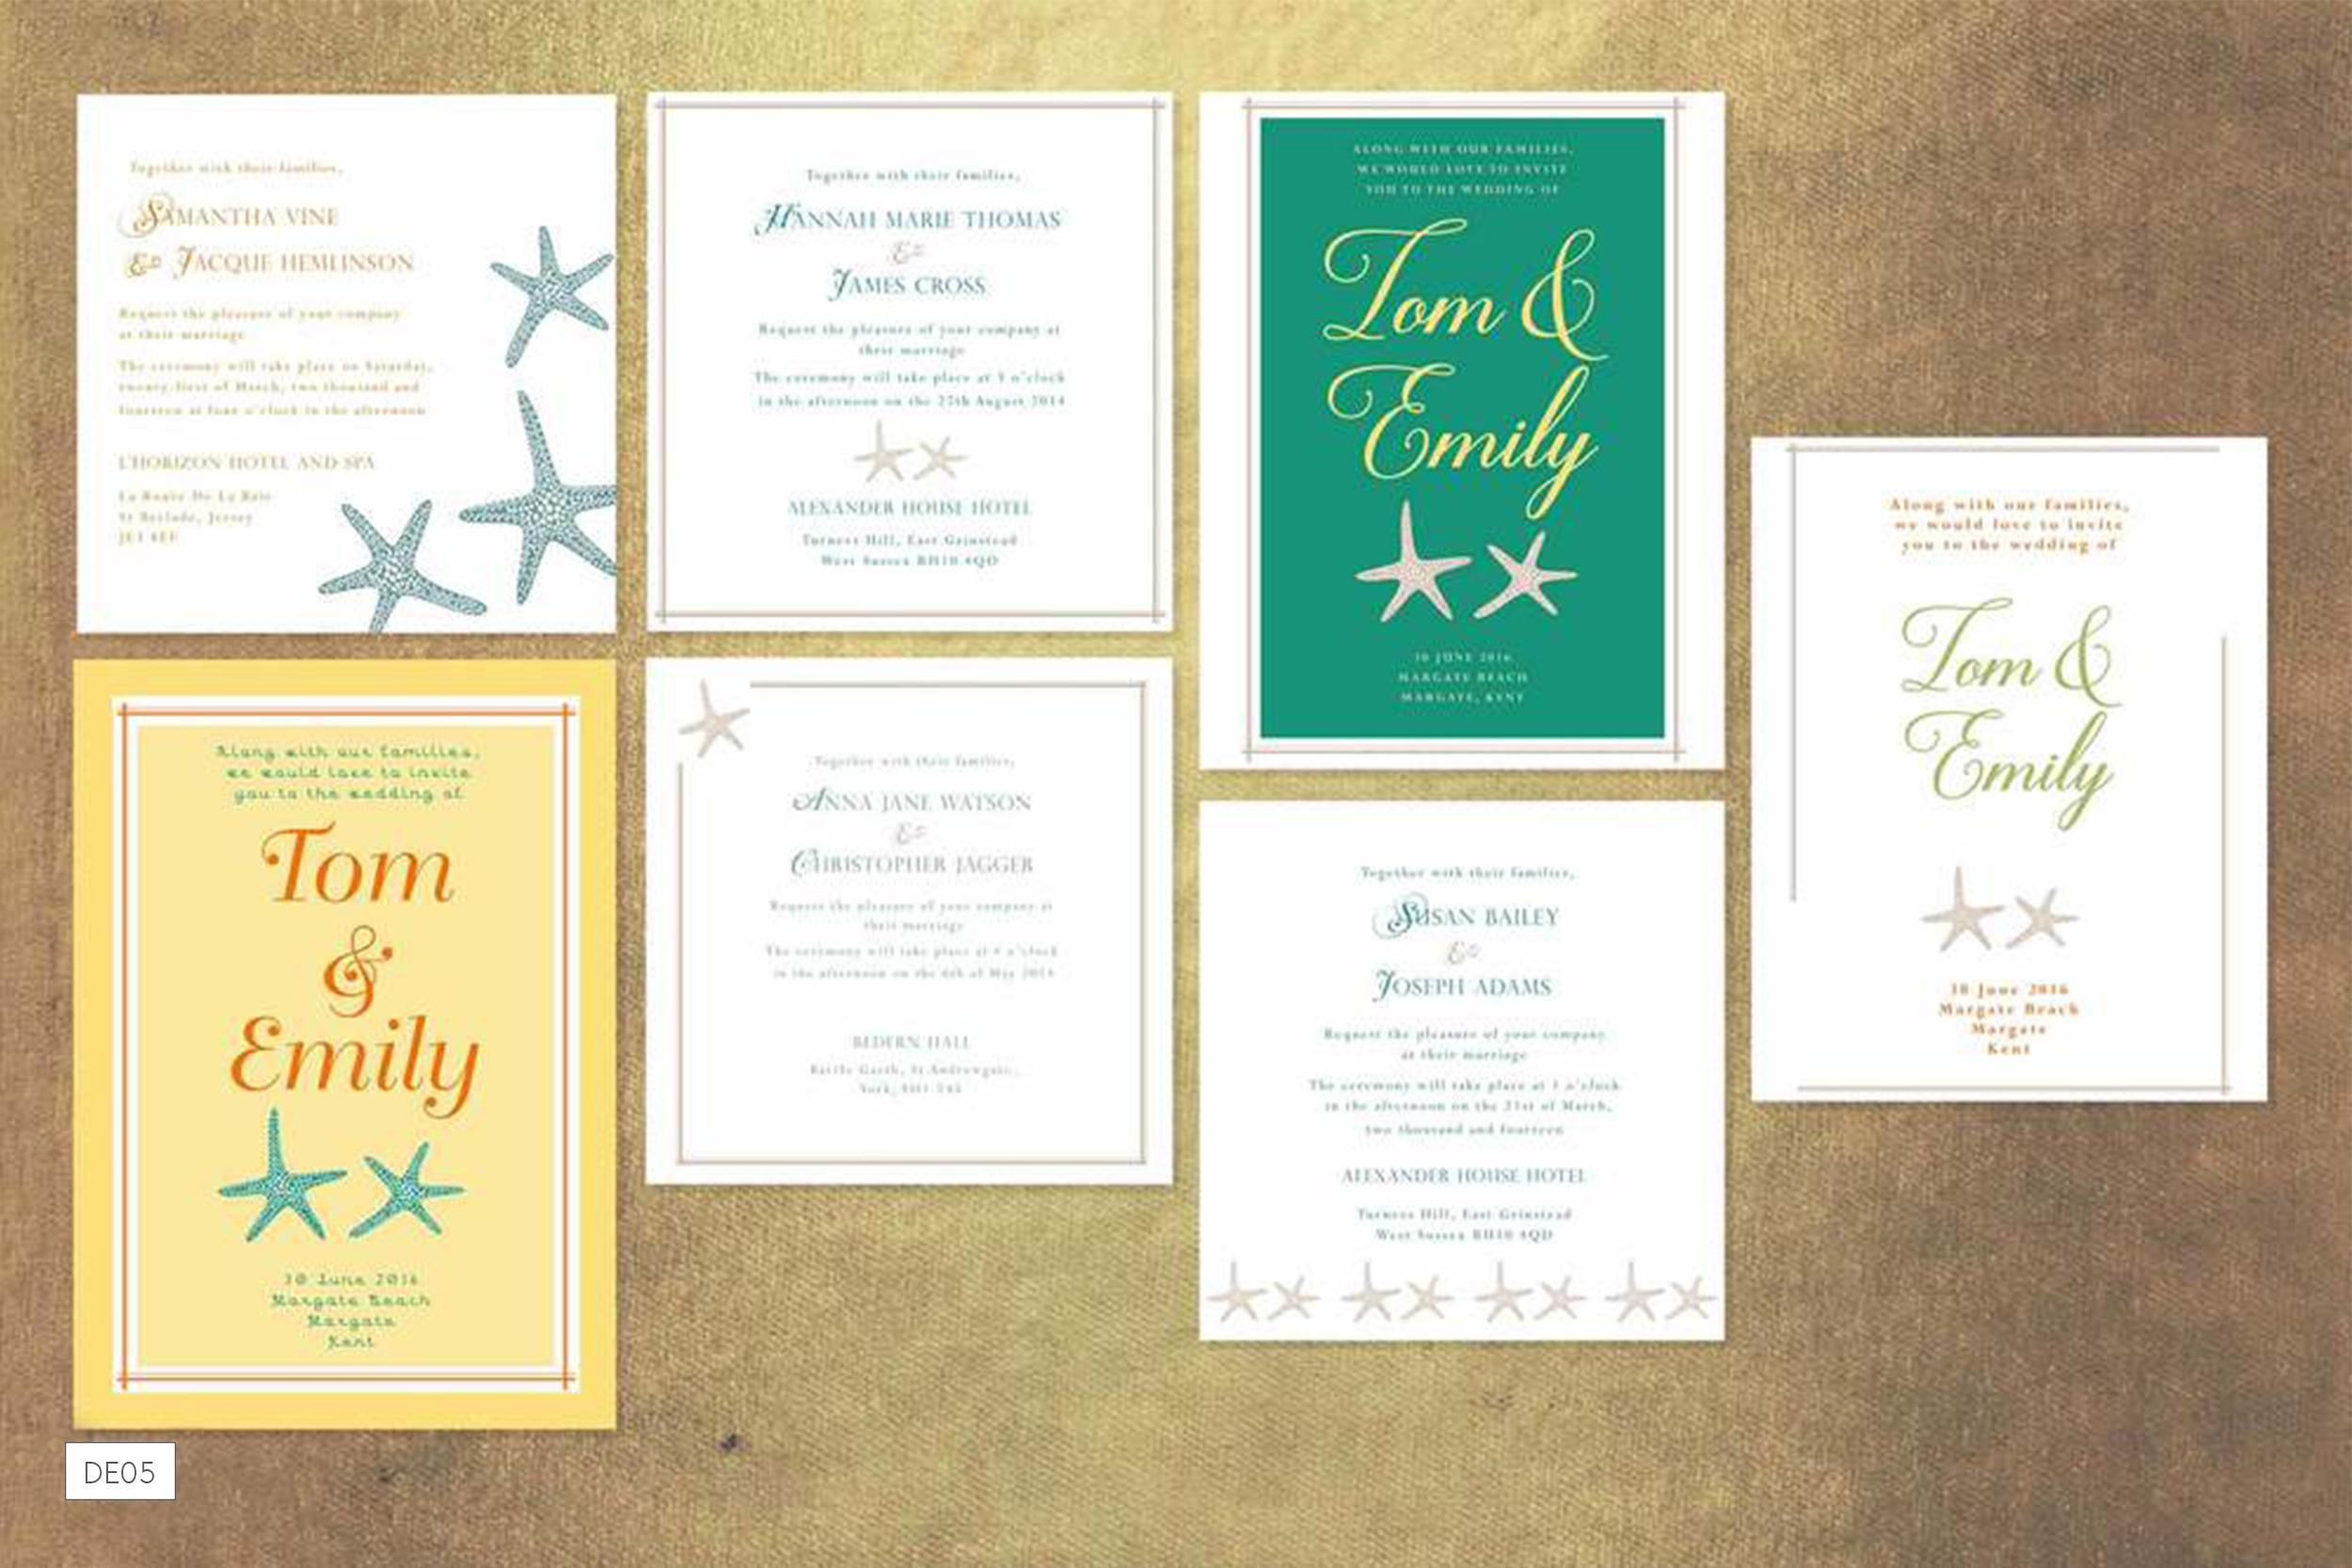 DE05-Destination-Weddings3_ananyacards.com.jpg